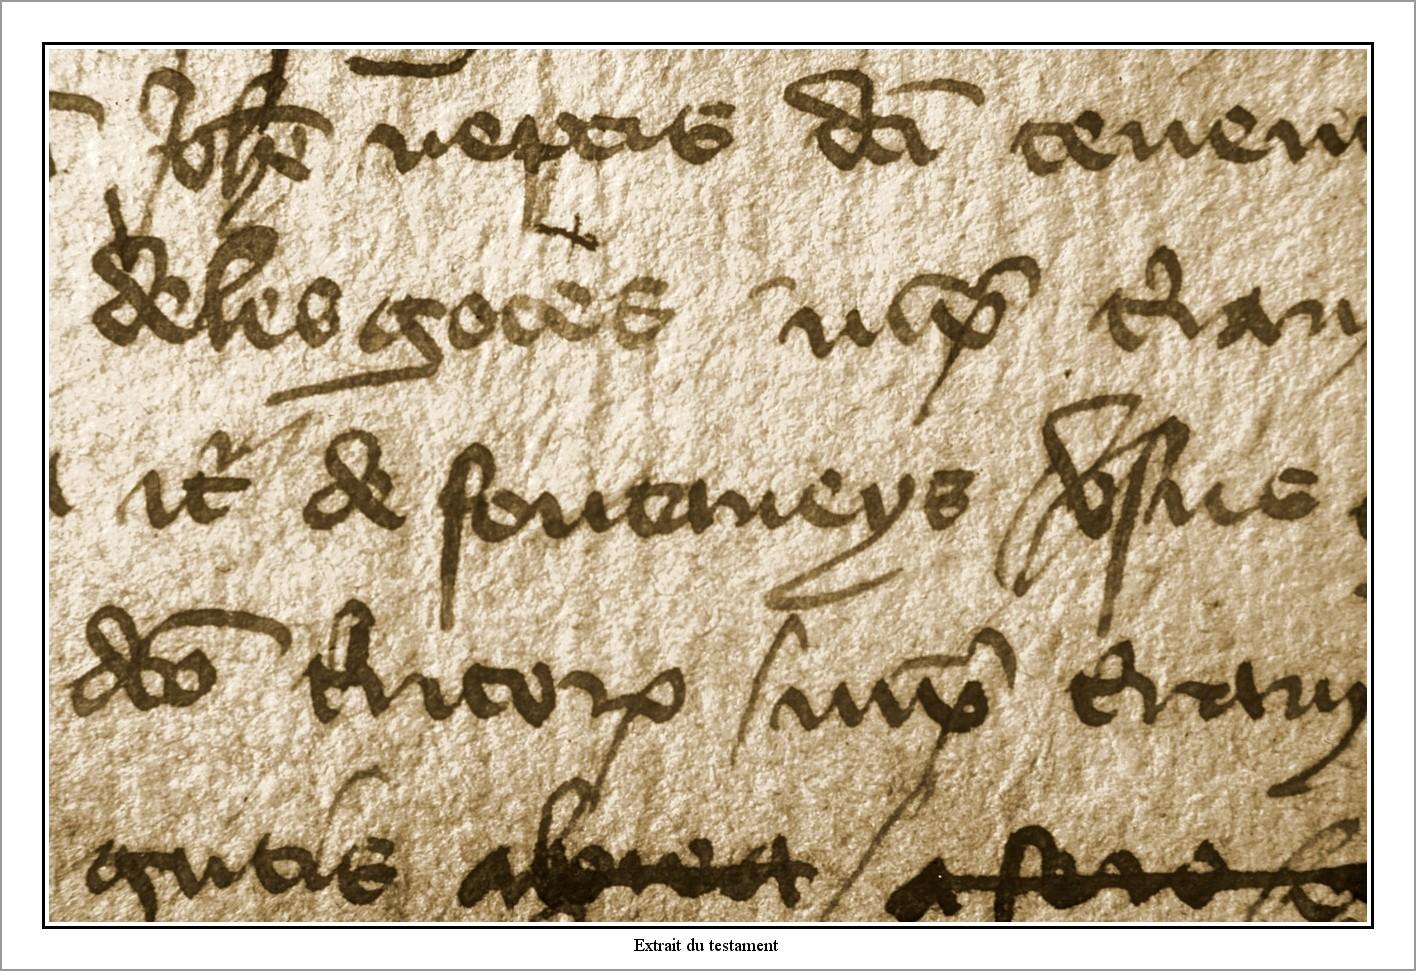 Extrait du testament de Etienne de Saint Priest mort en 1321-nano-BorderMaker.jpg